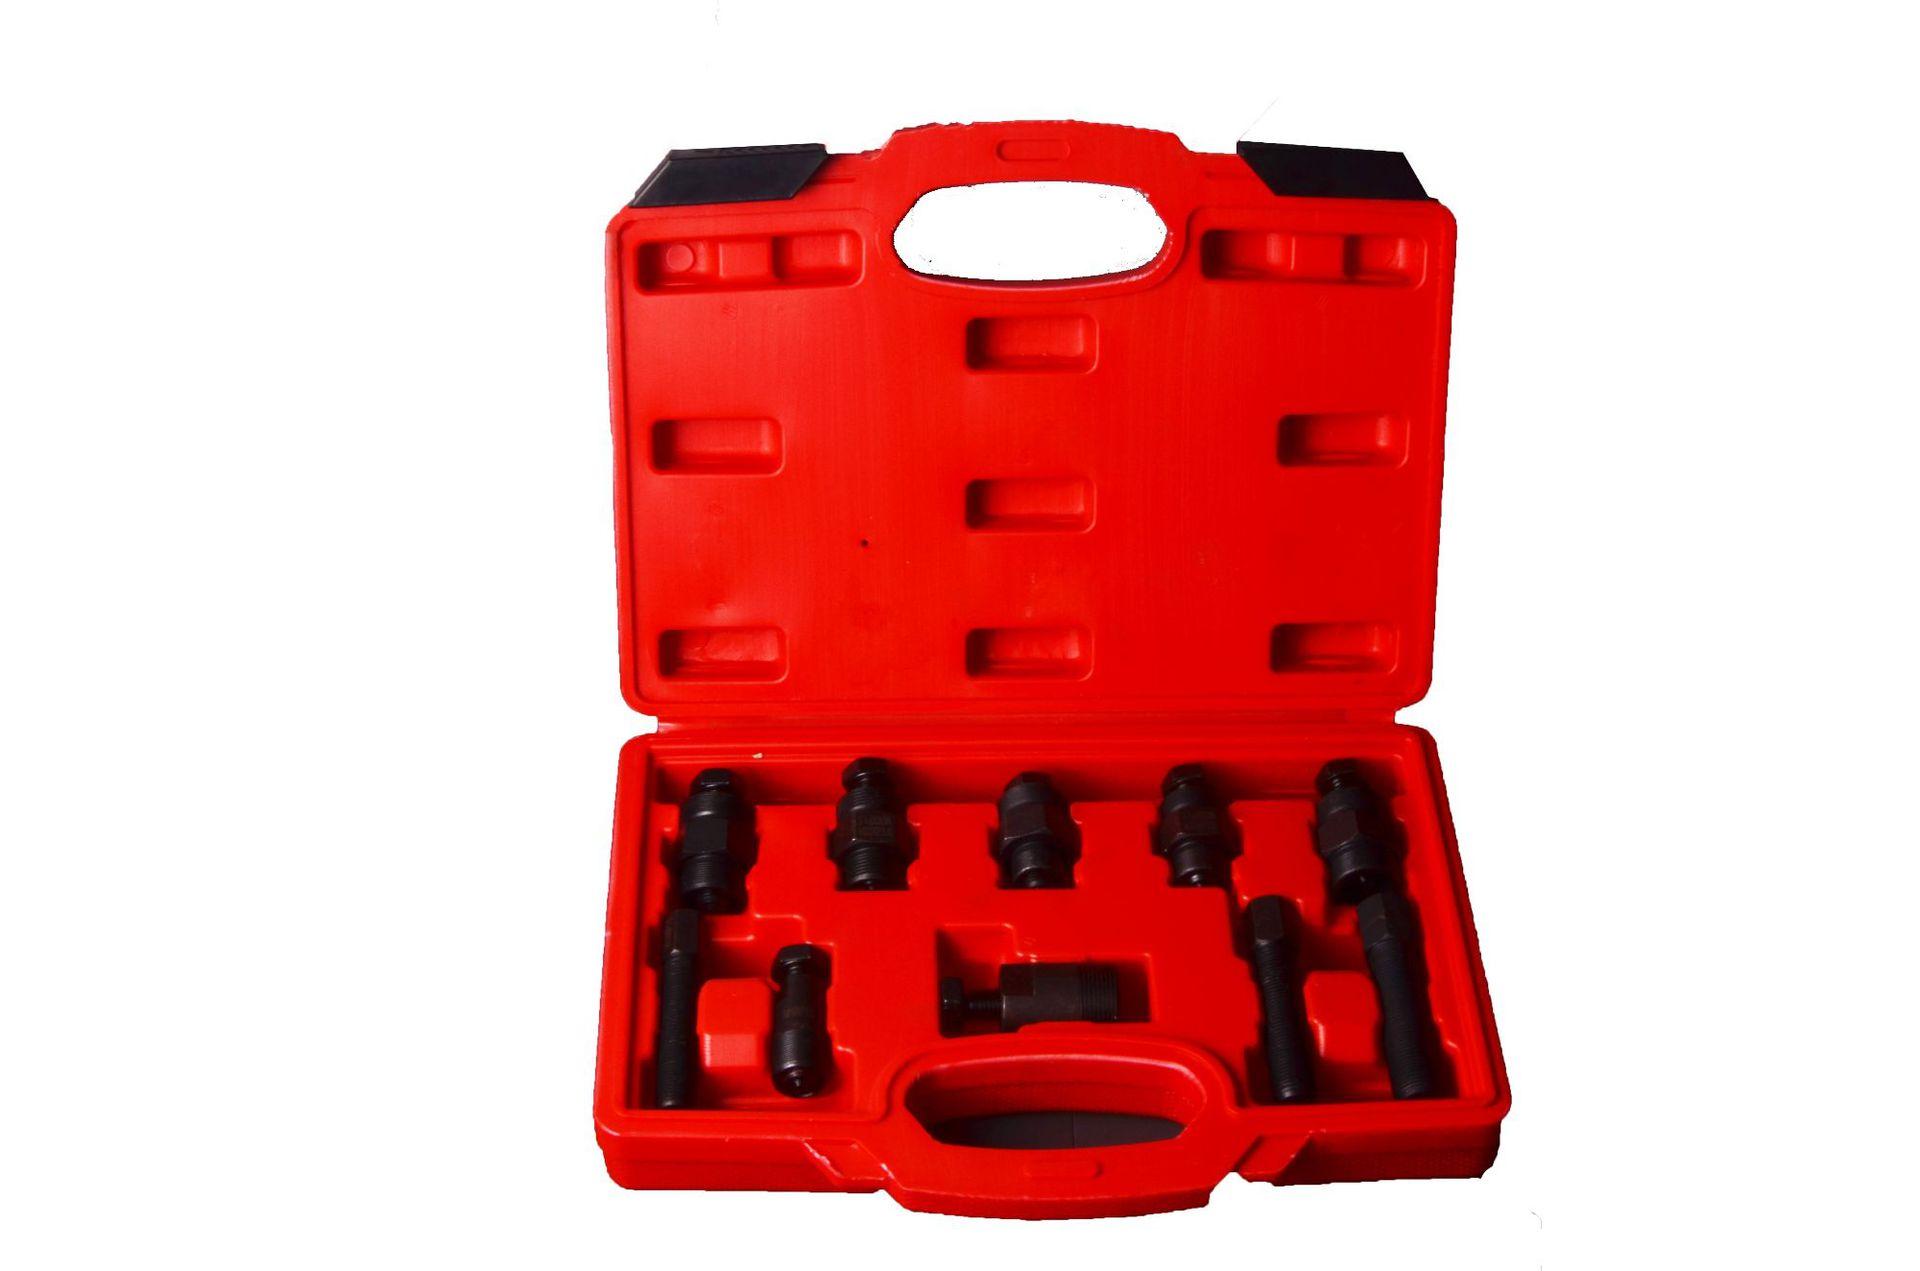 10件套飞轮扳手汽车飞轮拆卸工具汽车维修工具